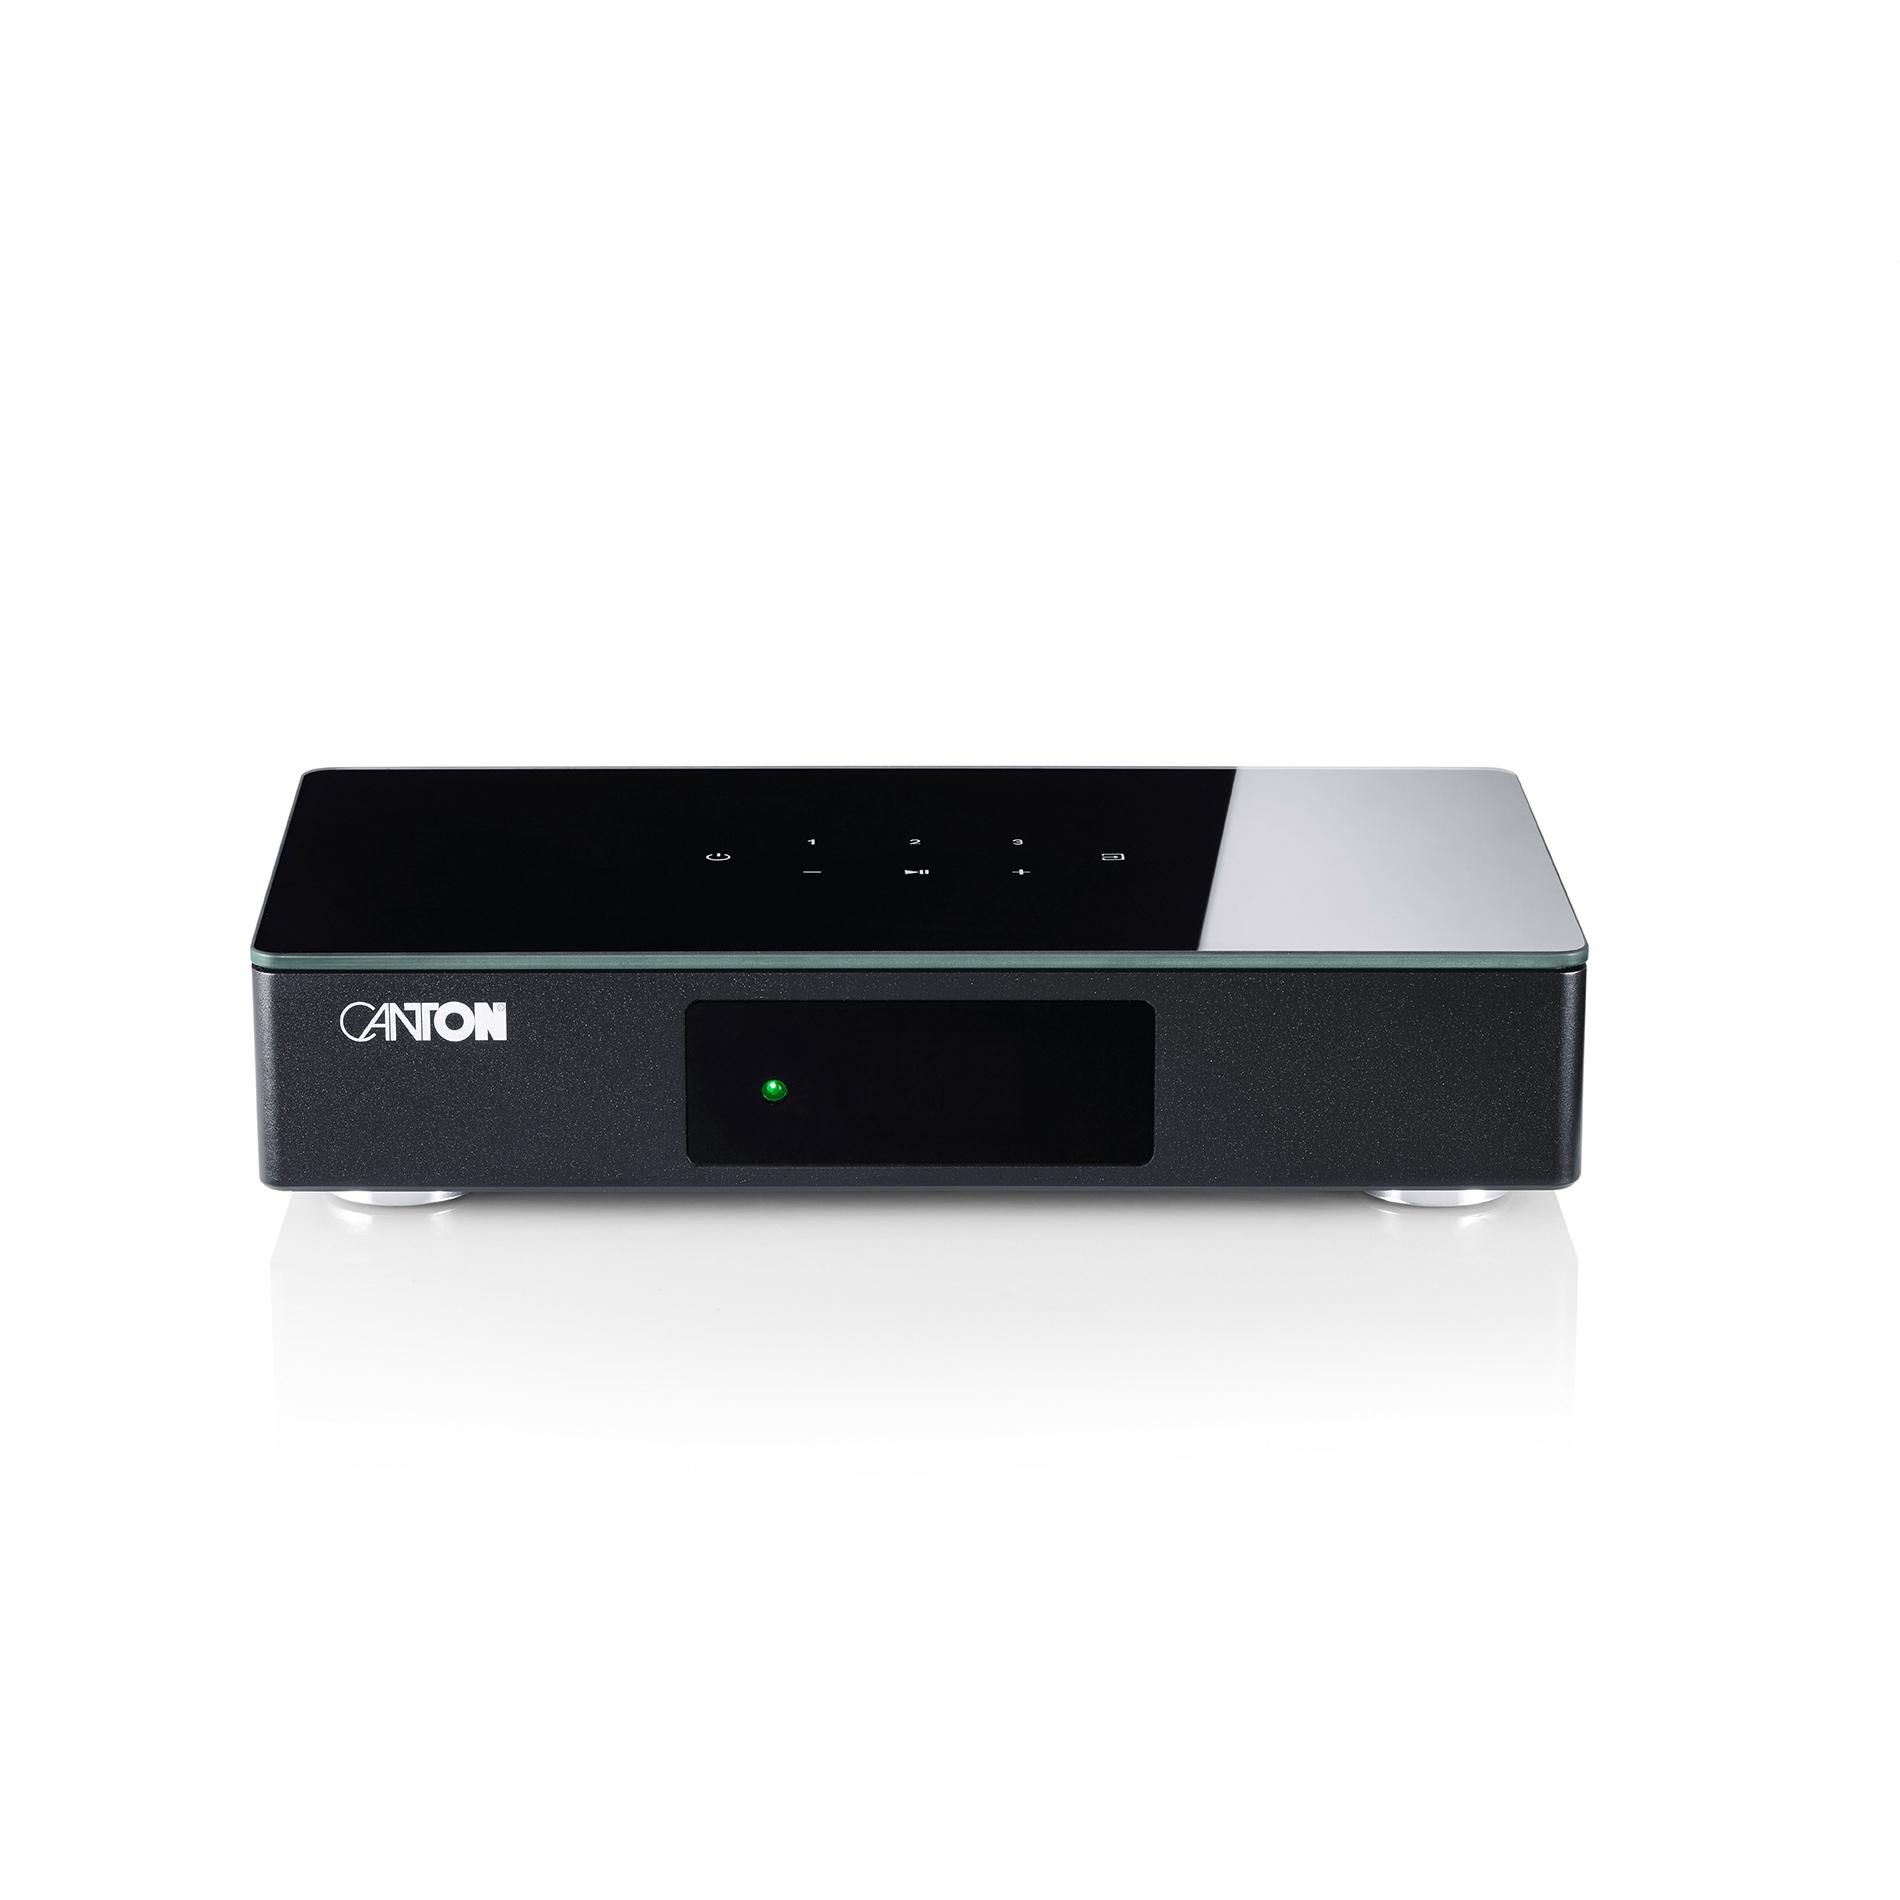 Smart Connect 5.1 S2, smart pre-amplifier version 2021, black